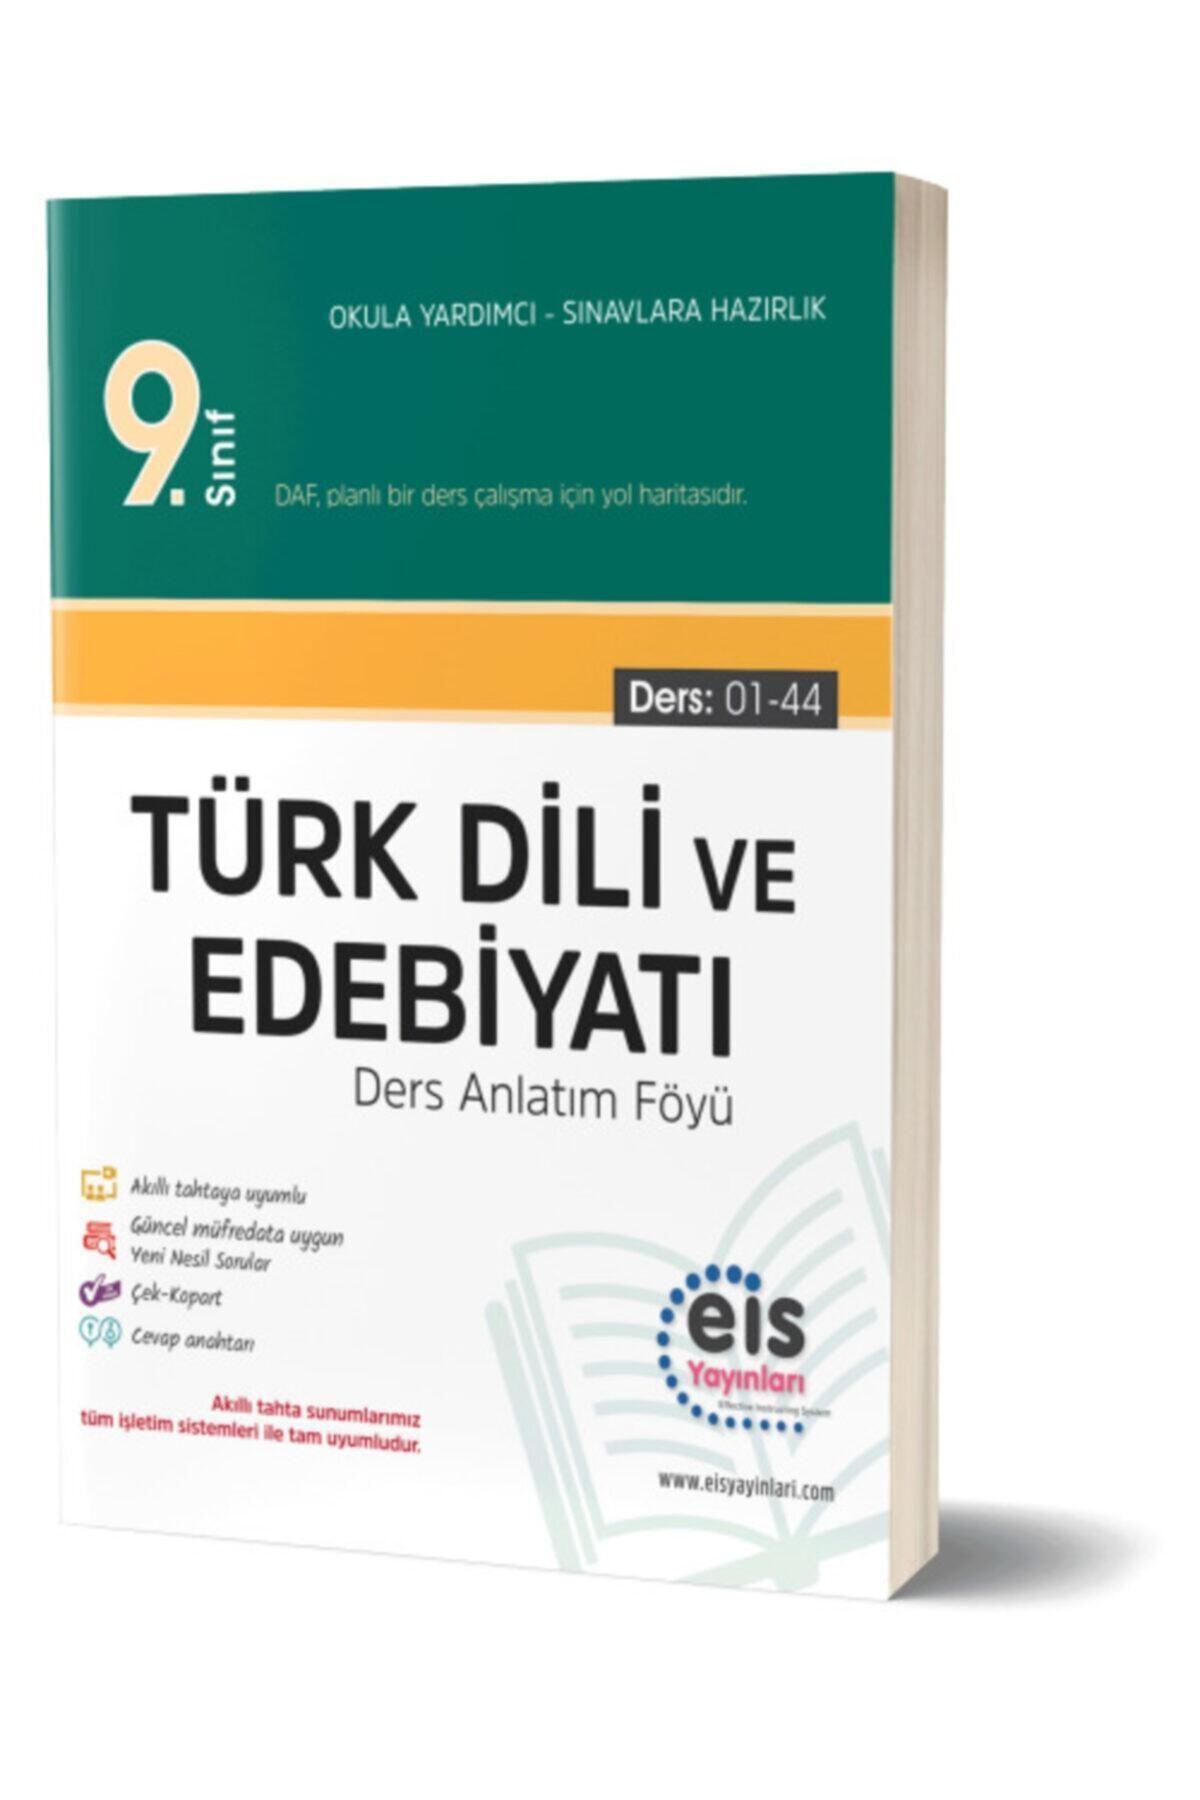 Eis Yay Inları 9.sınıf Daf Ders Anlatım Föyü Türk Dili Ve Edebiyatı 1